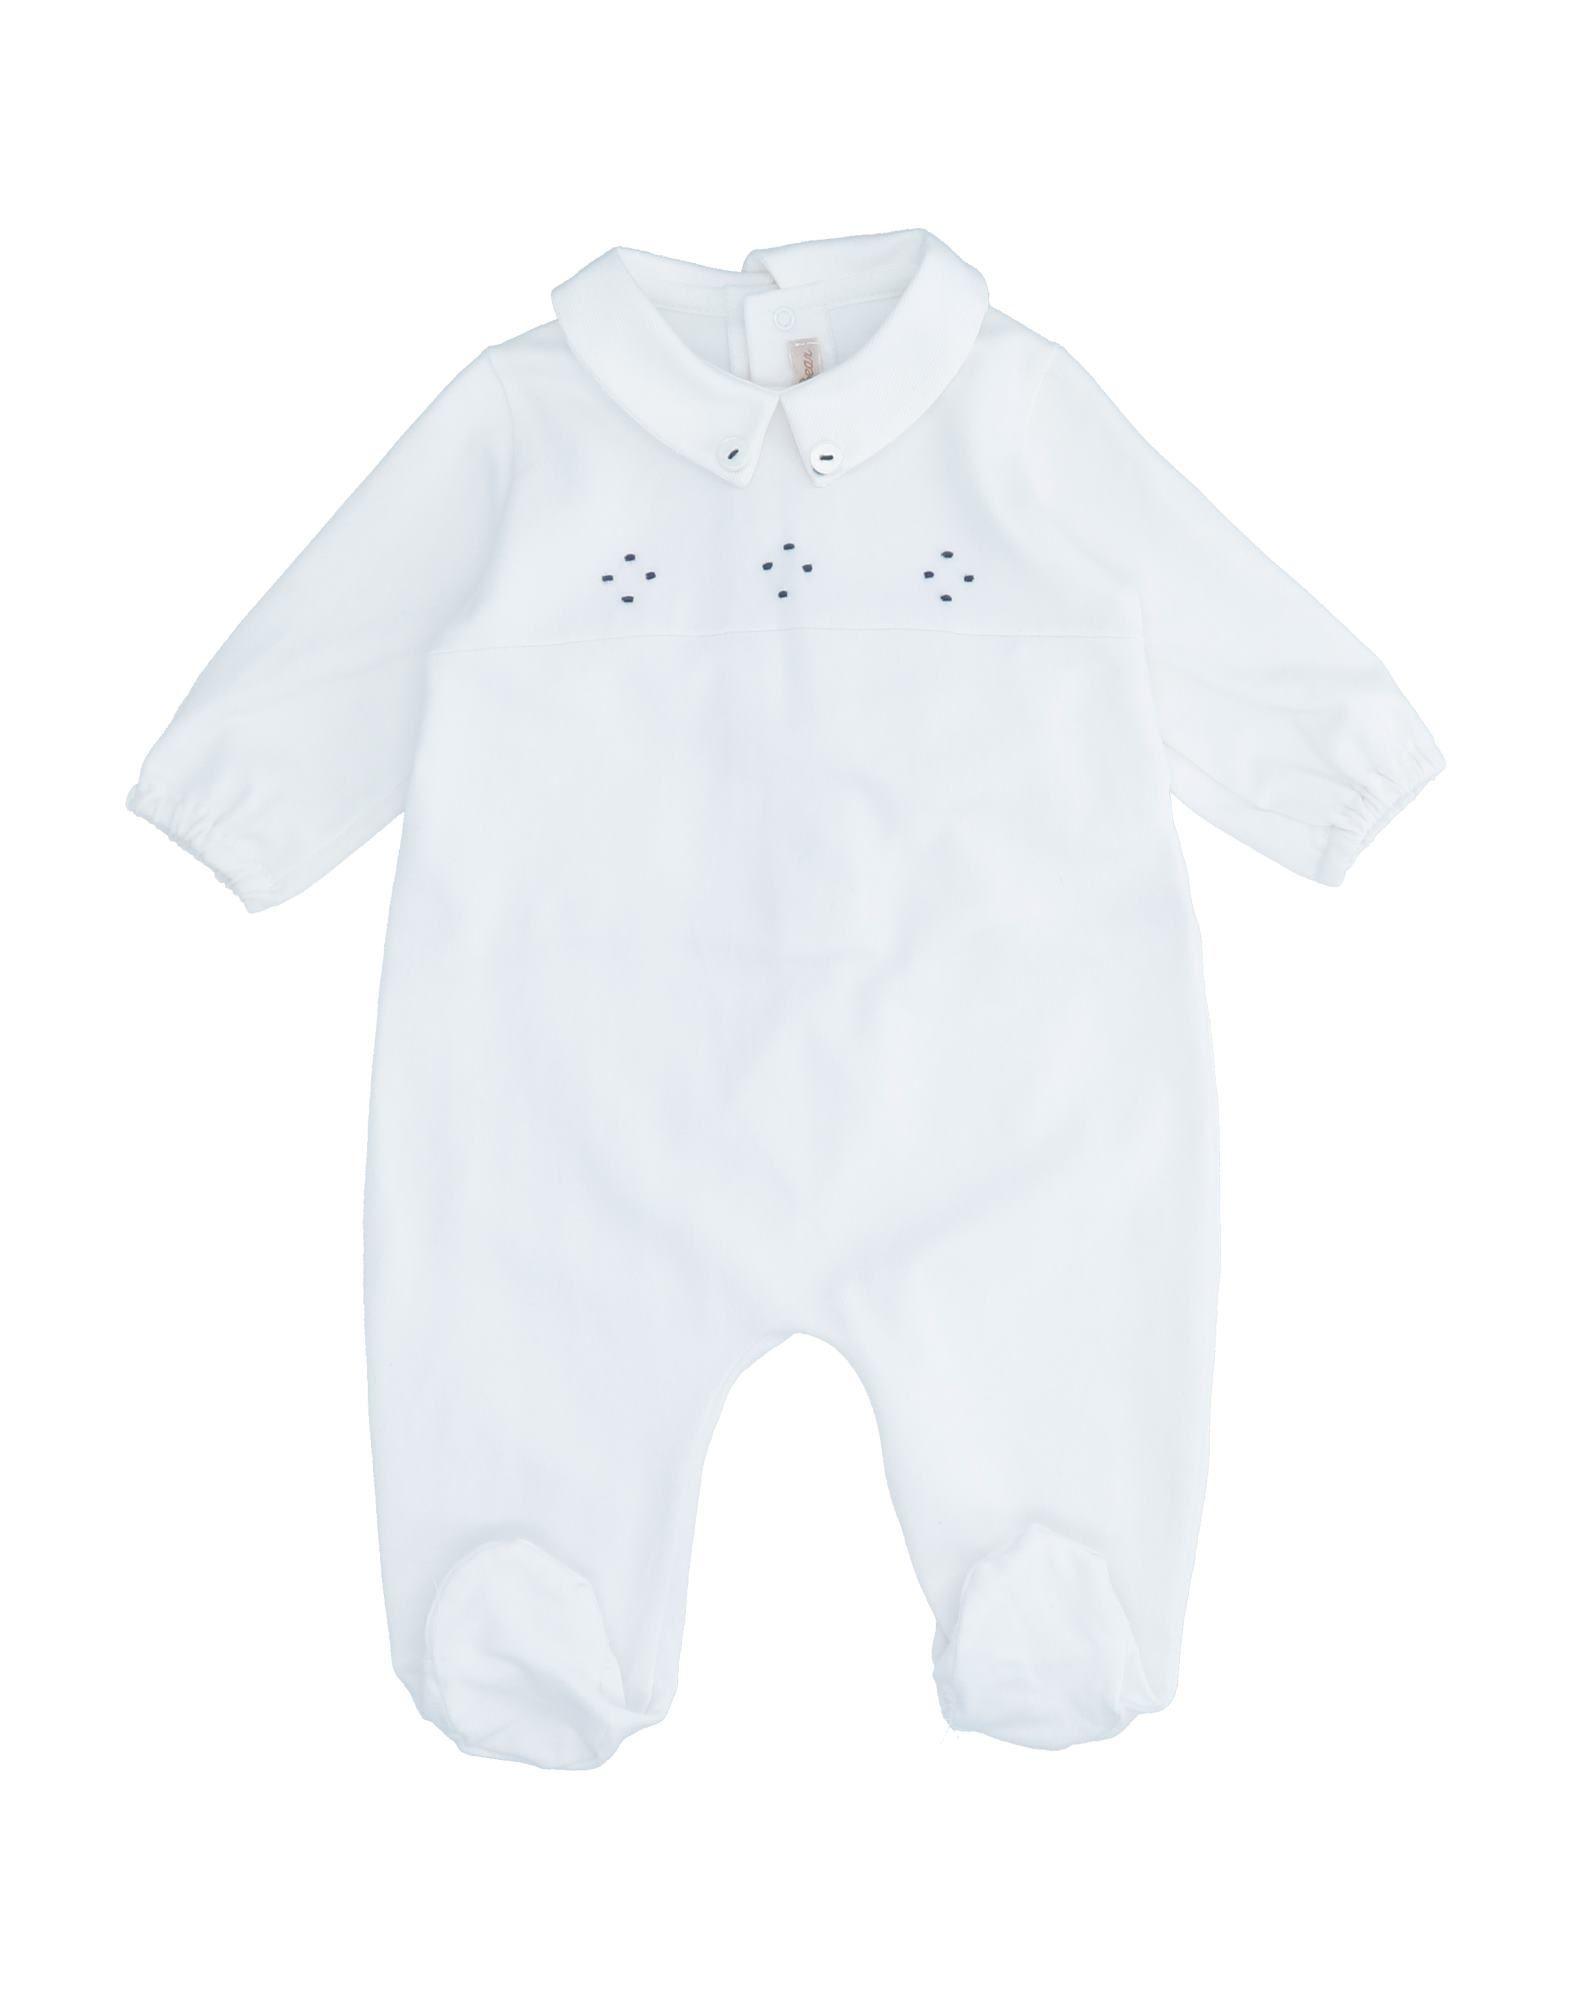 YOOX.COM(ユークス)《セール開催中》LITTLE BEAR ボーイズ 0-24 ヶ月 乳幼児用ロンパース ホワイト 3 コットン 95% / ポリウレタン 5%